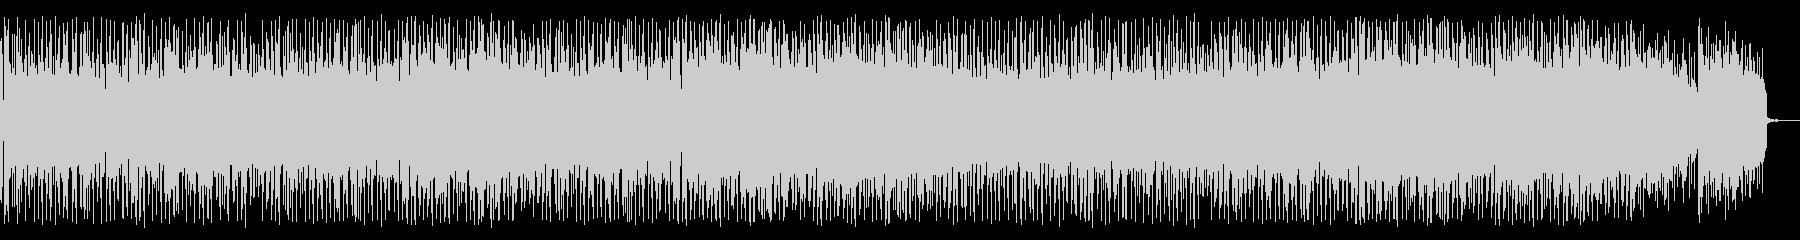 FMで流れてそうな爽やか系スムースジャズの未再生の波形